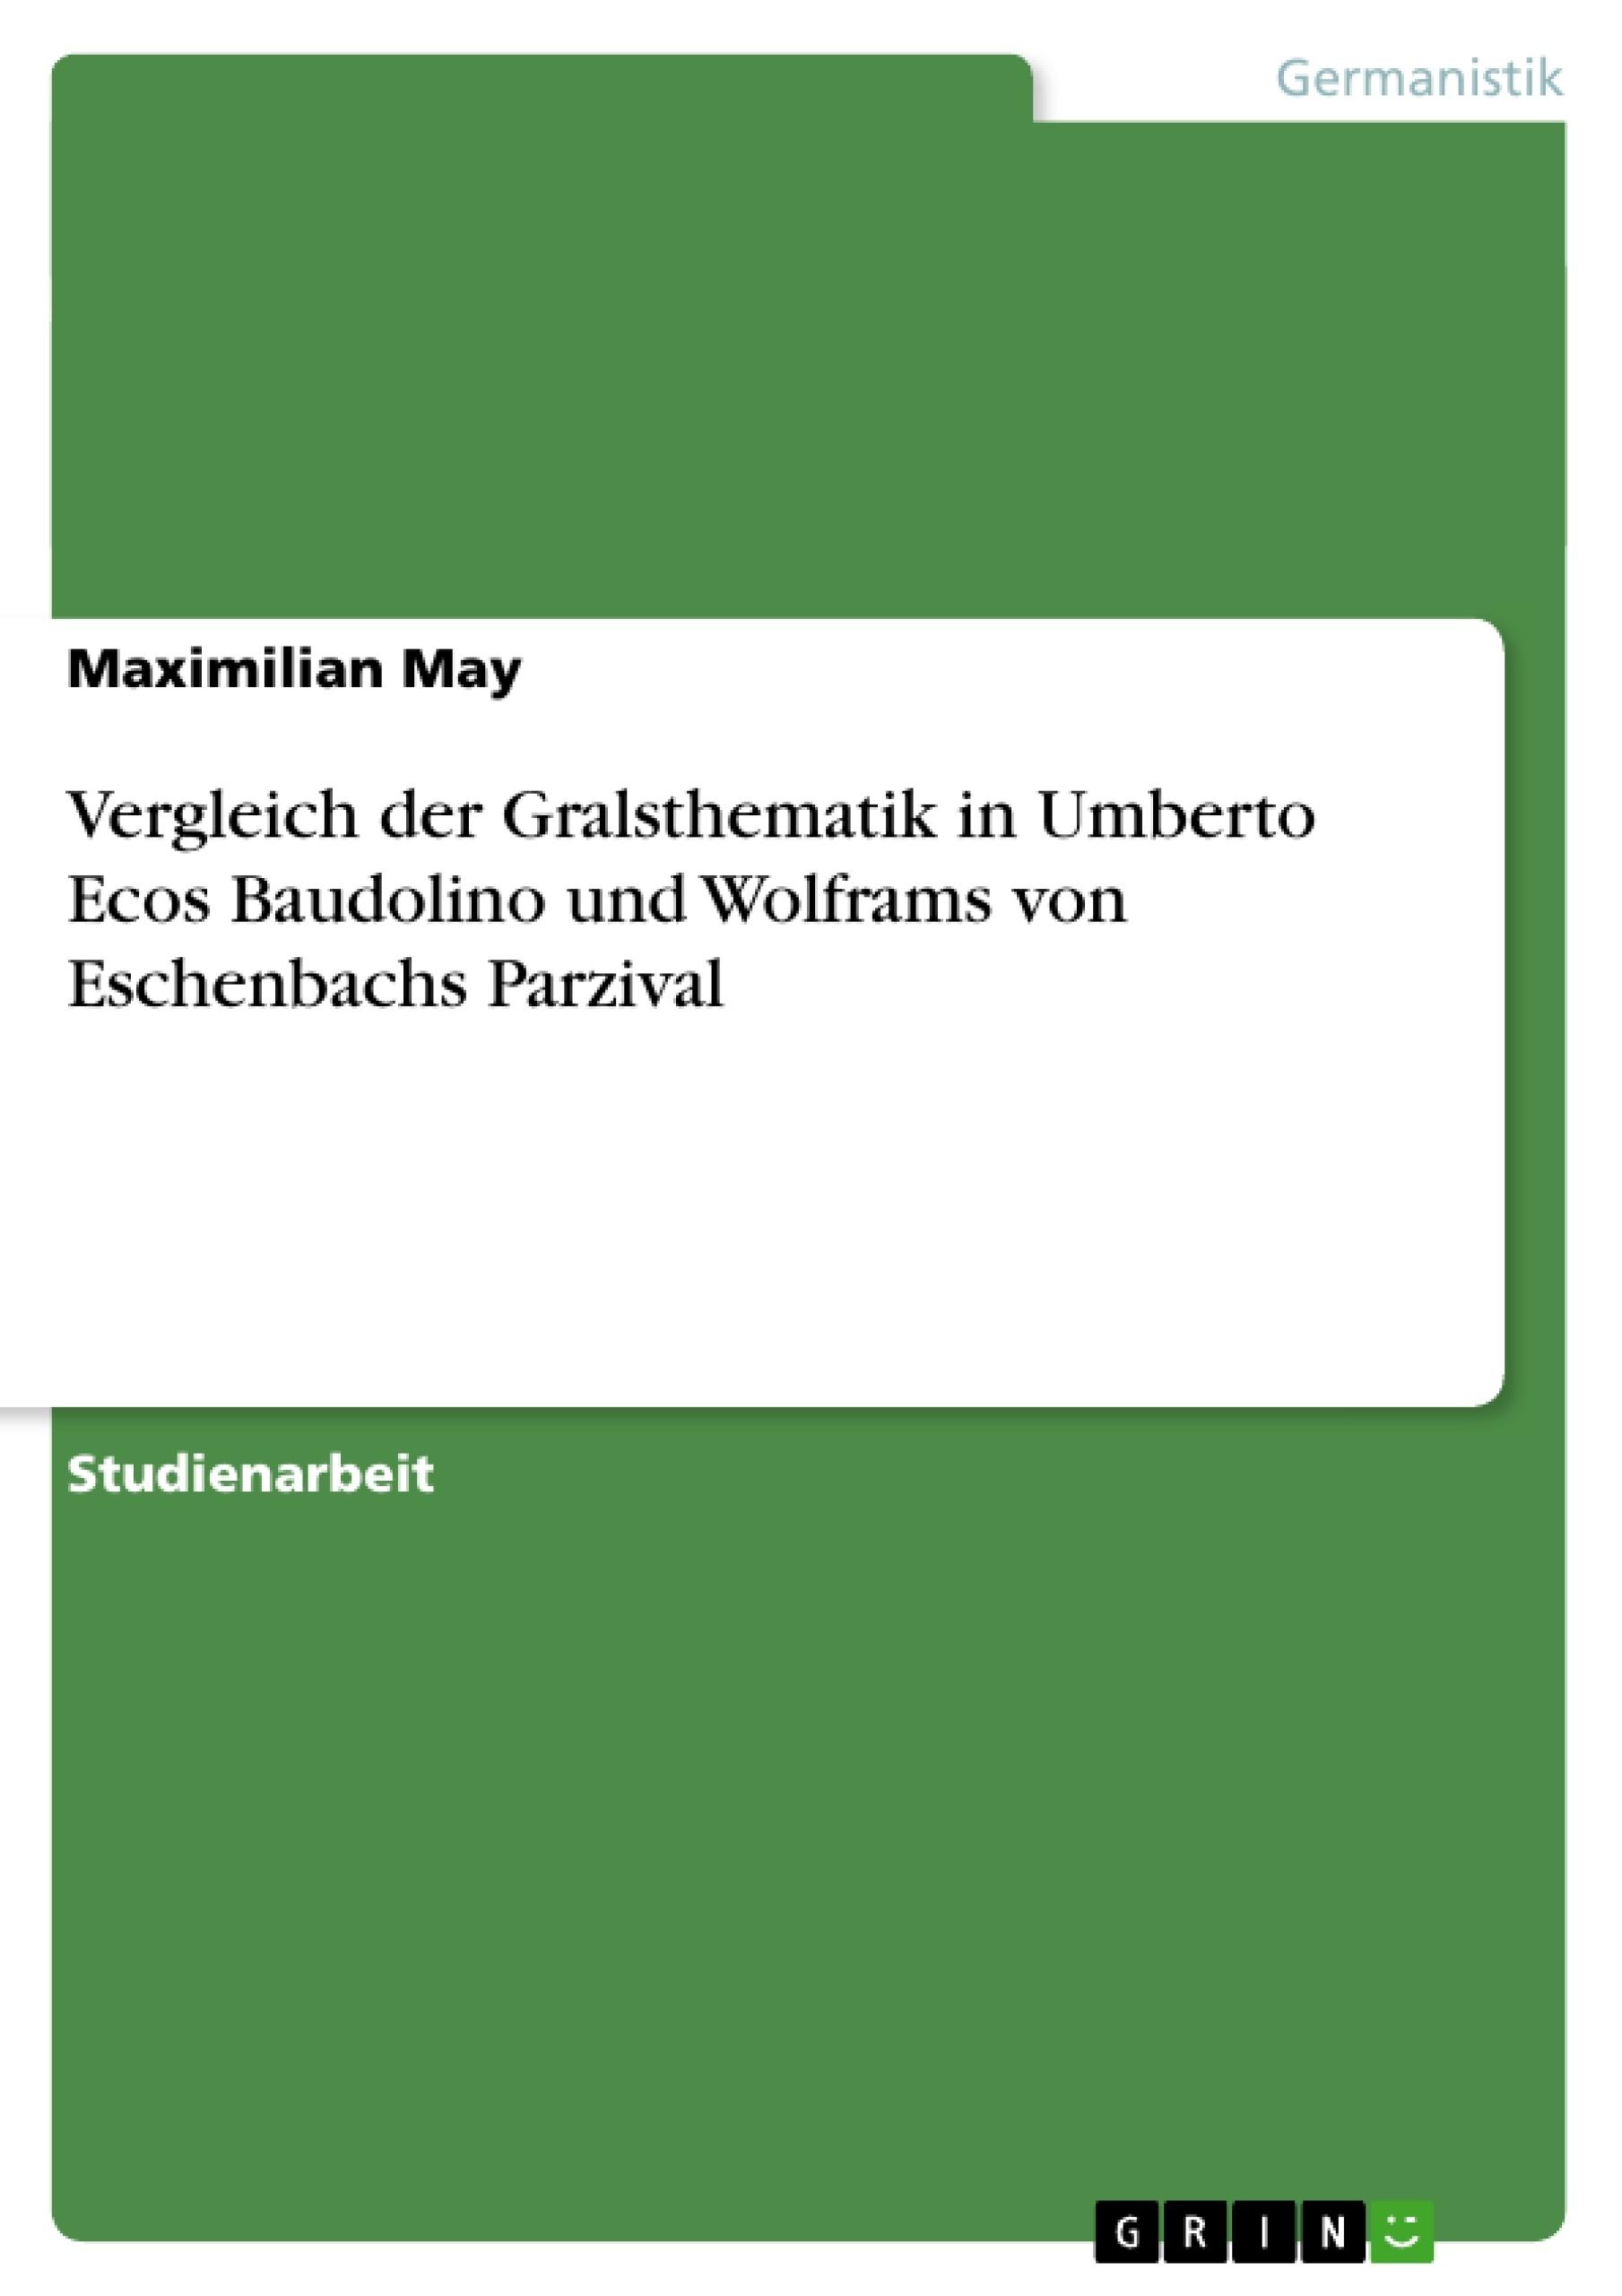 Titel: Vergleich der Gralsthematik in Umberto Ecos Baudolino und Wolframs von Eschenbachs Parzival